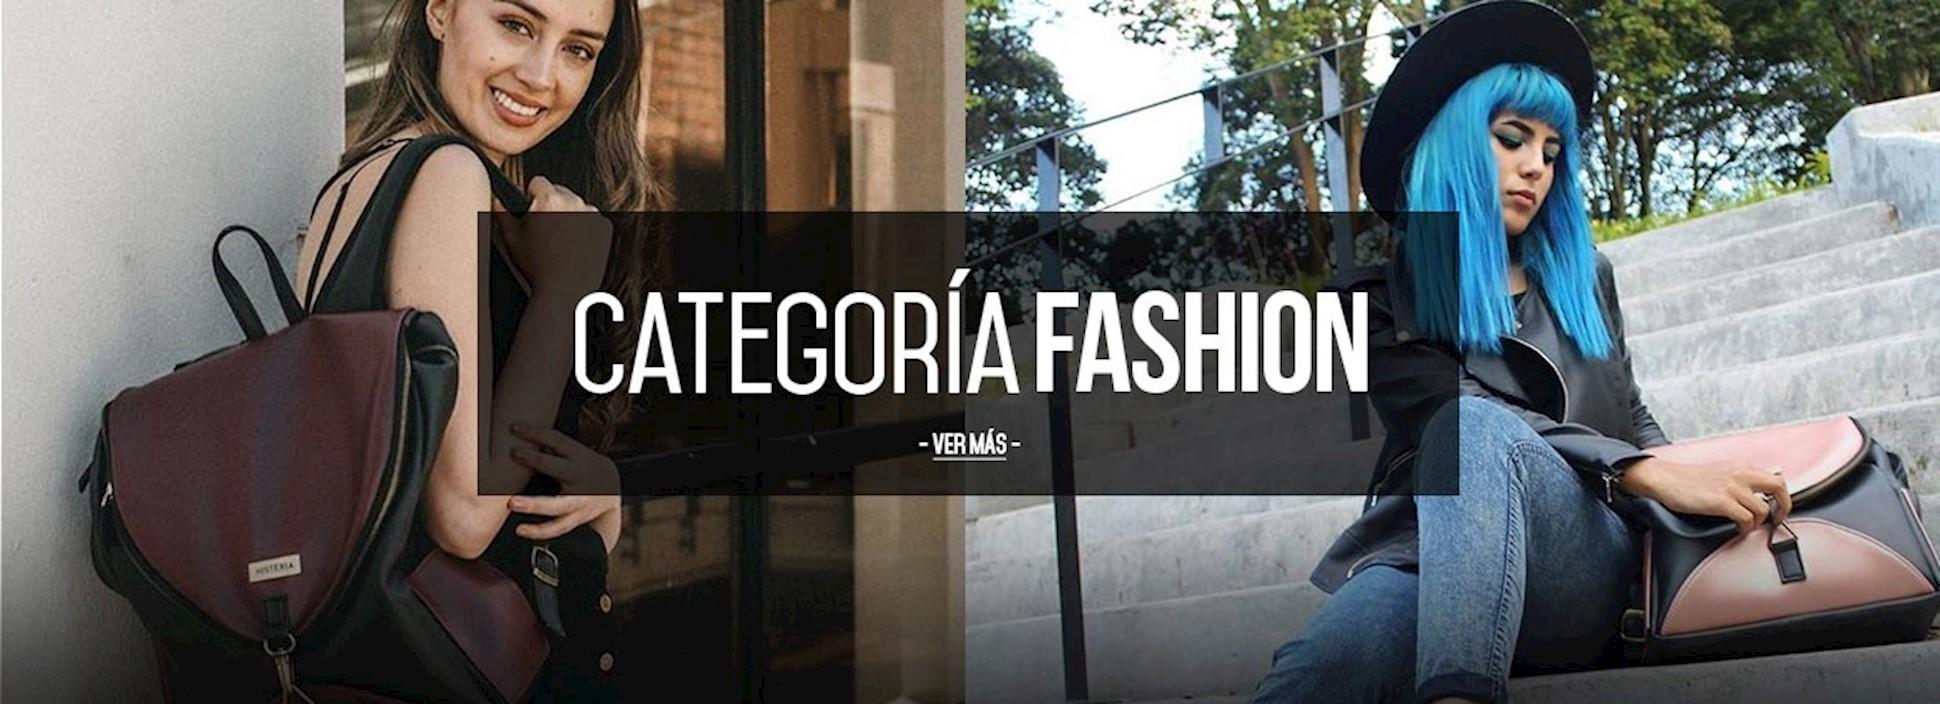 1240x450-fashion.jpg